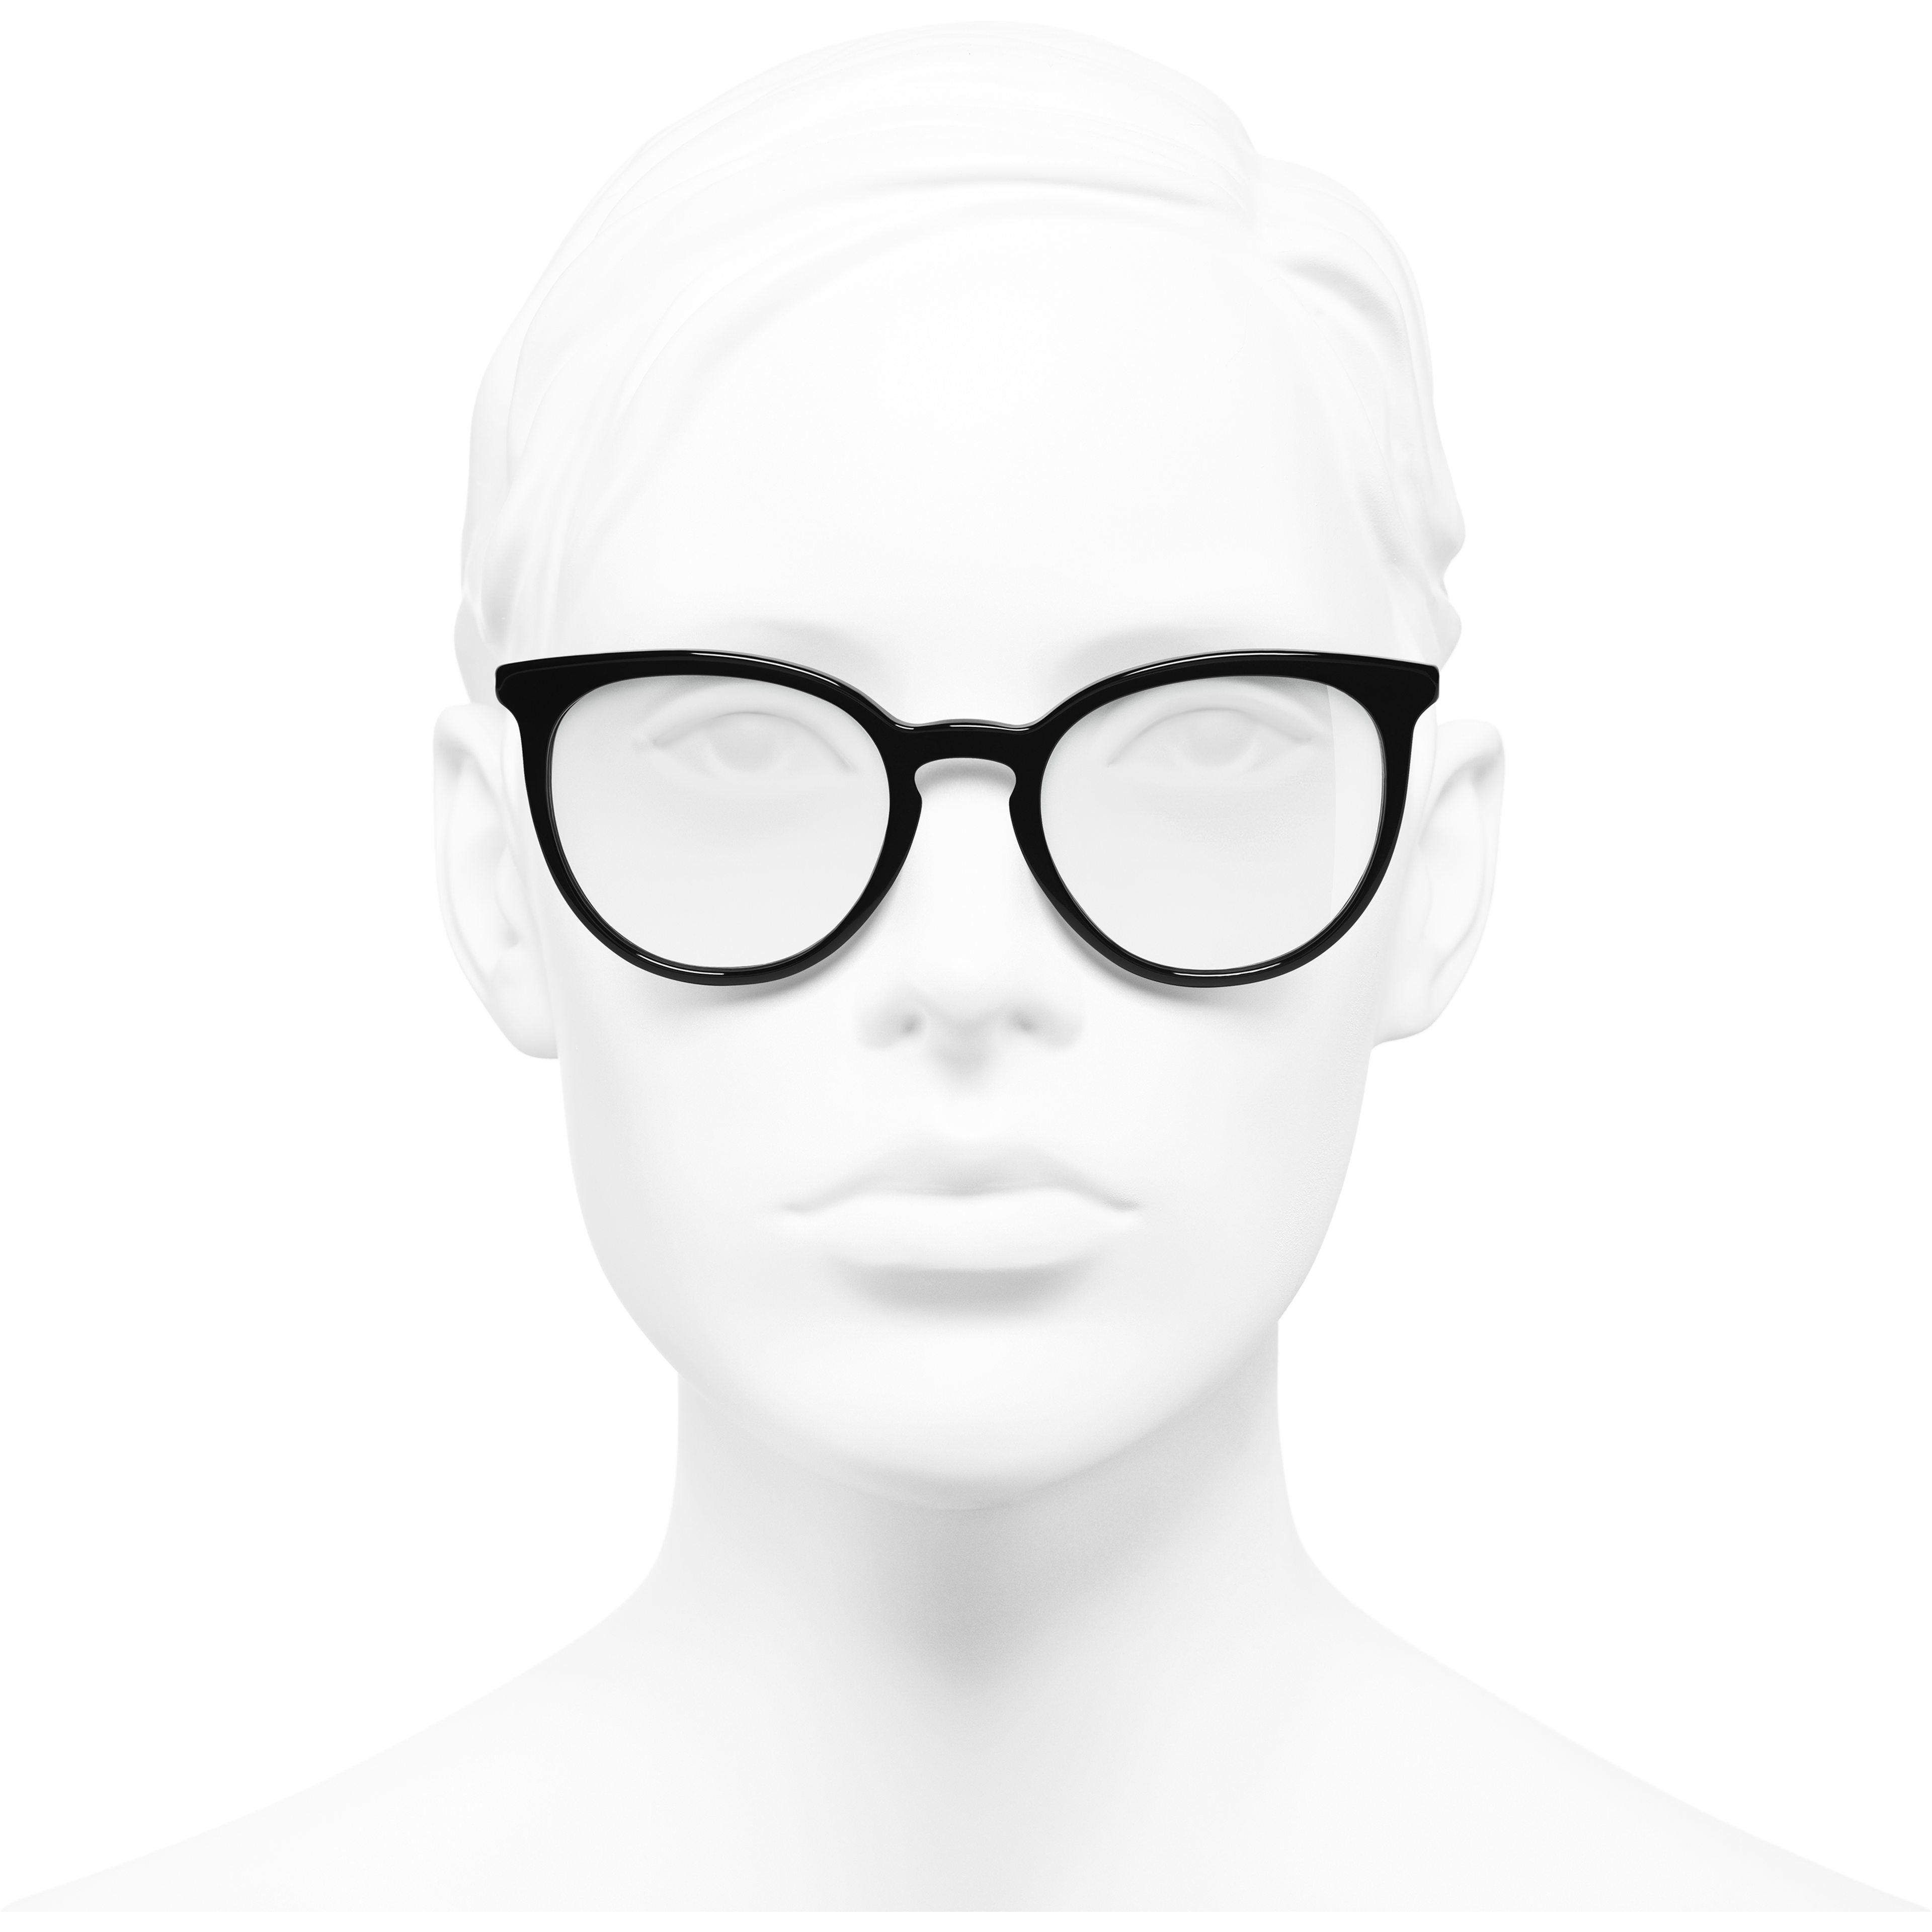 แว่นสายตาทรง Pantos (แพนโทส) - สีดำ - อะซิเตทและมุก - มุมมองการสวมใส่ด้านหน้า - ดูเวอร์ชันขนาดมาตรฐาน